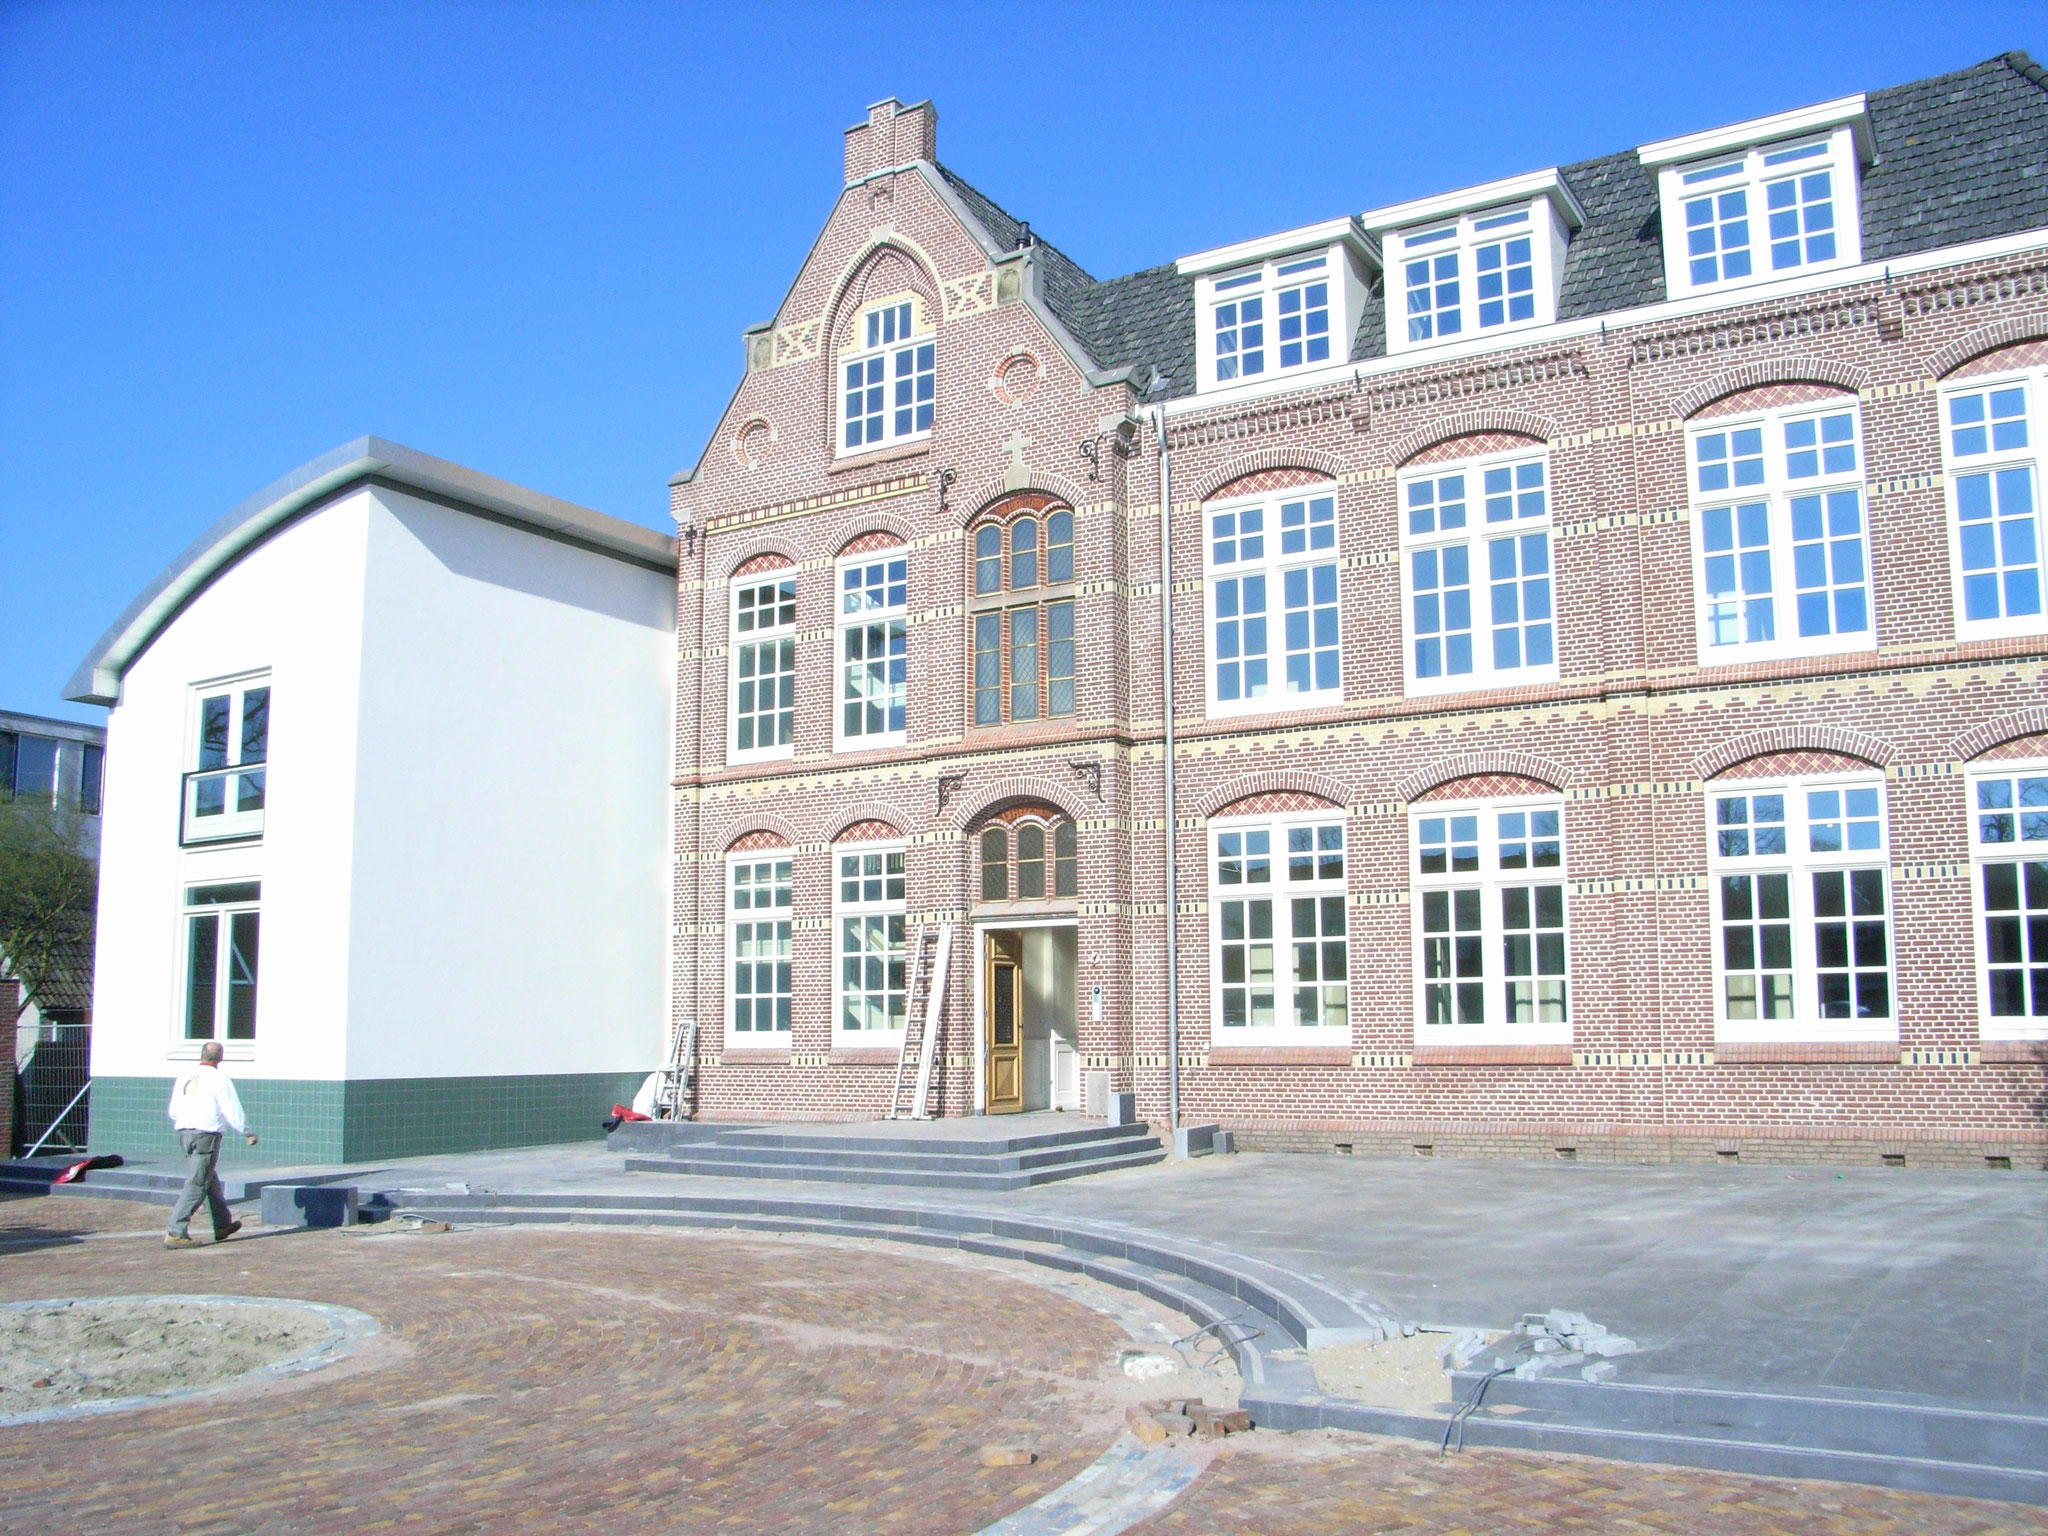 Verbouw van monumentaal klooster tot 5 luxe appartementen. Werkzaamheden: Projectmanagement en bouwkundig tekenwerk. Opdrachtgever: O.G Beheer B.V.